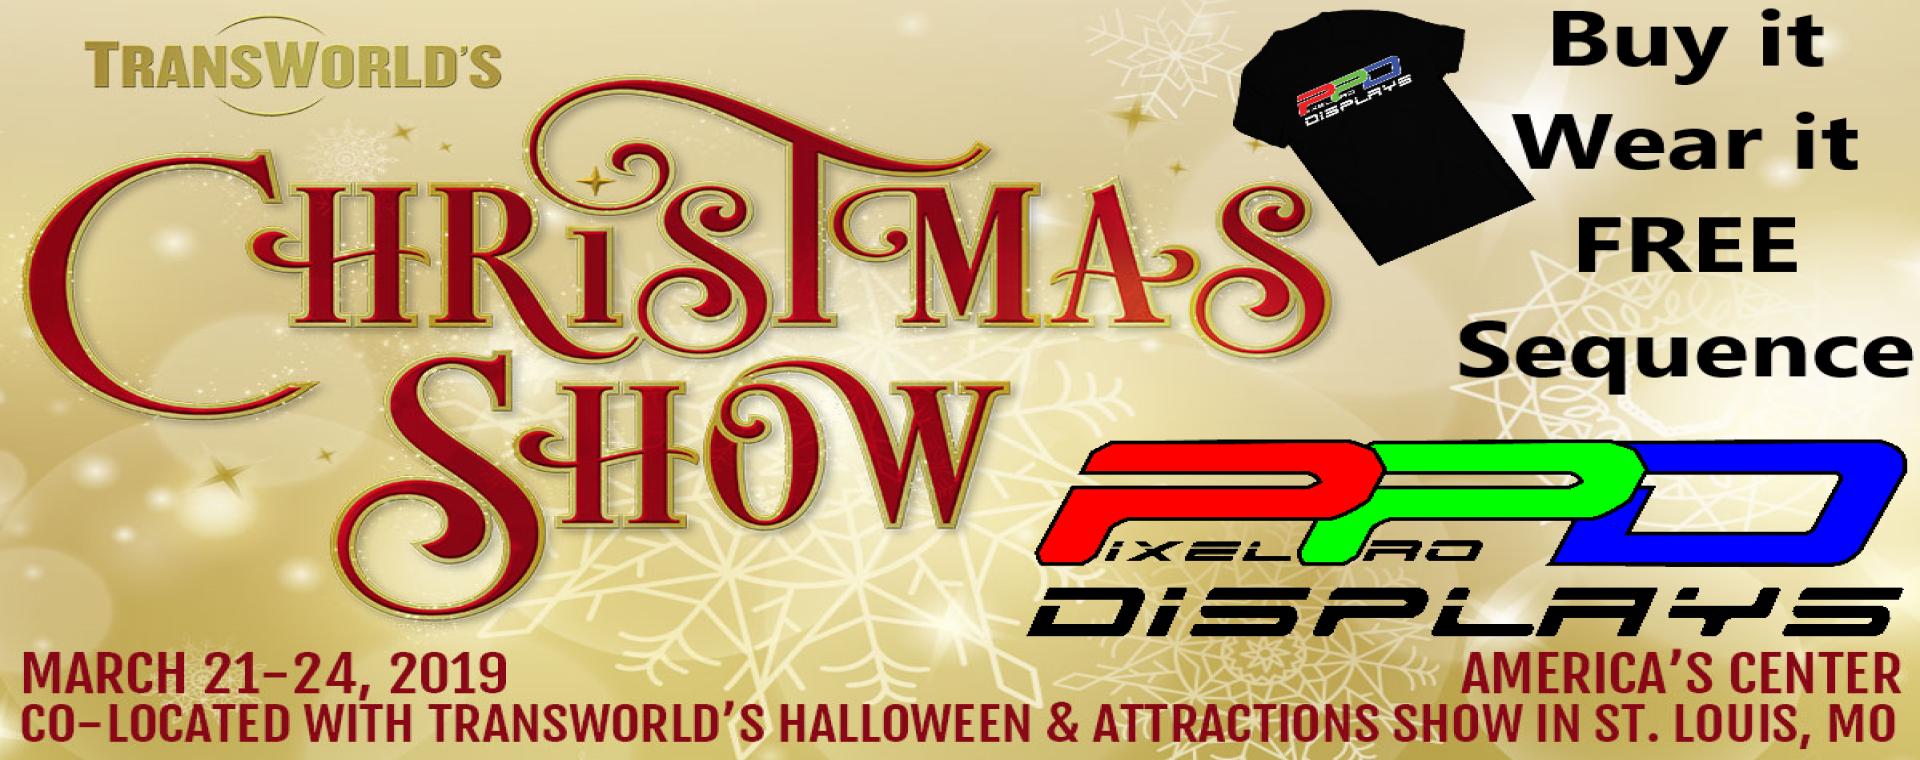 Transworld's Christmas Show